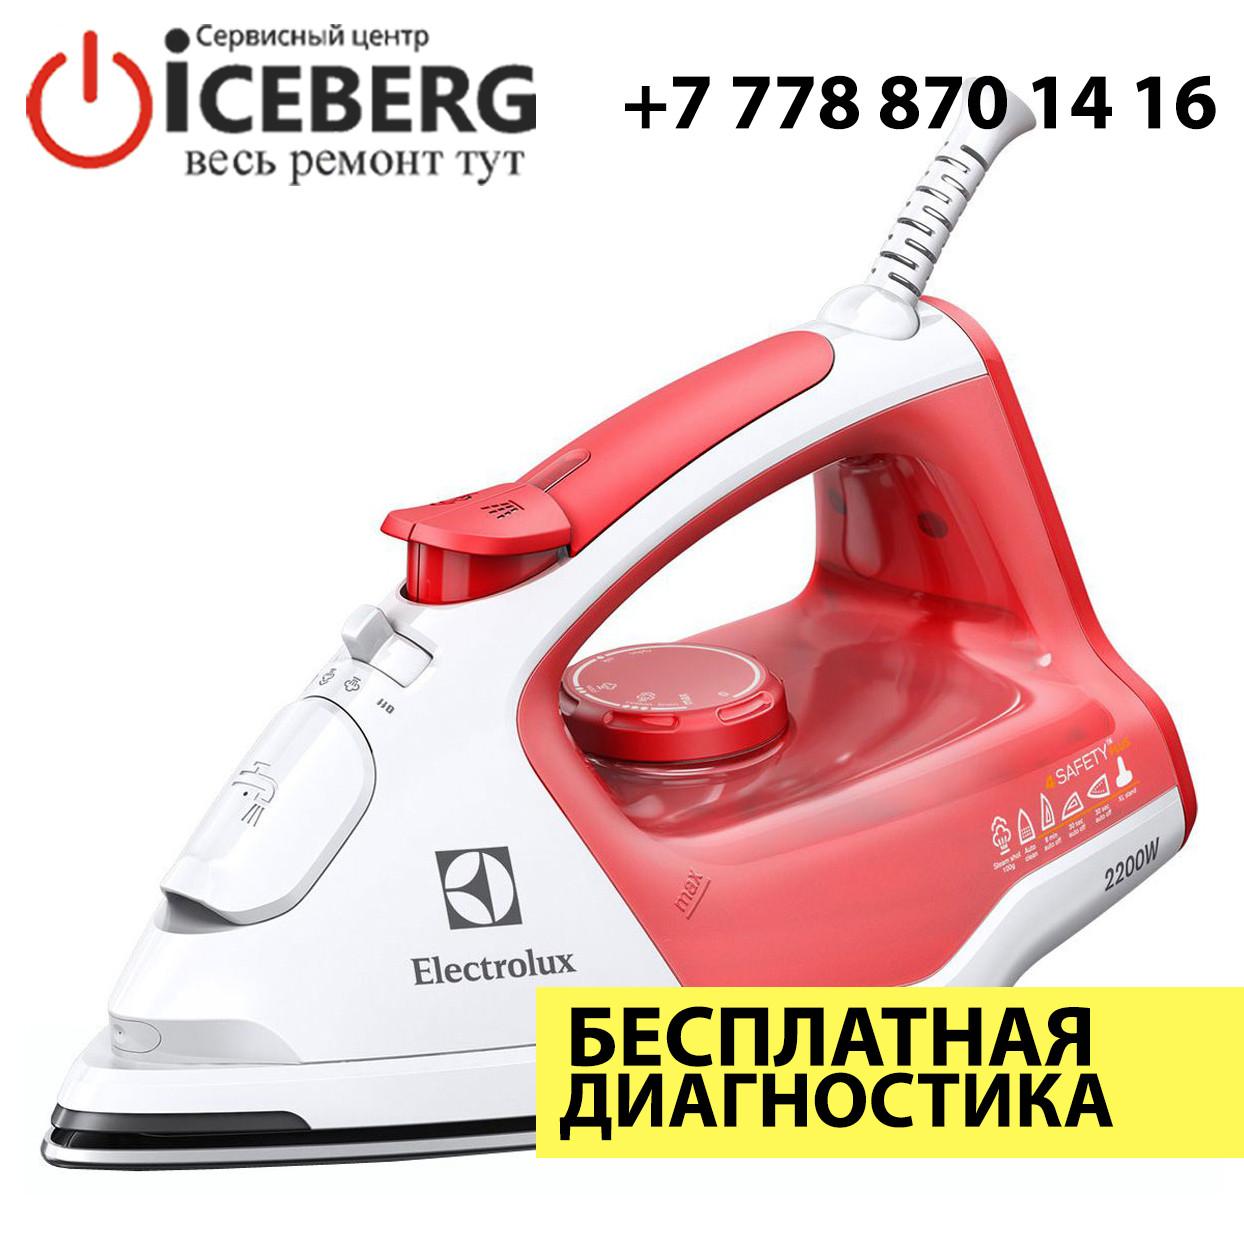 Ремонт утюгов Electrolux